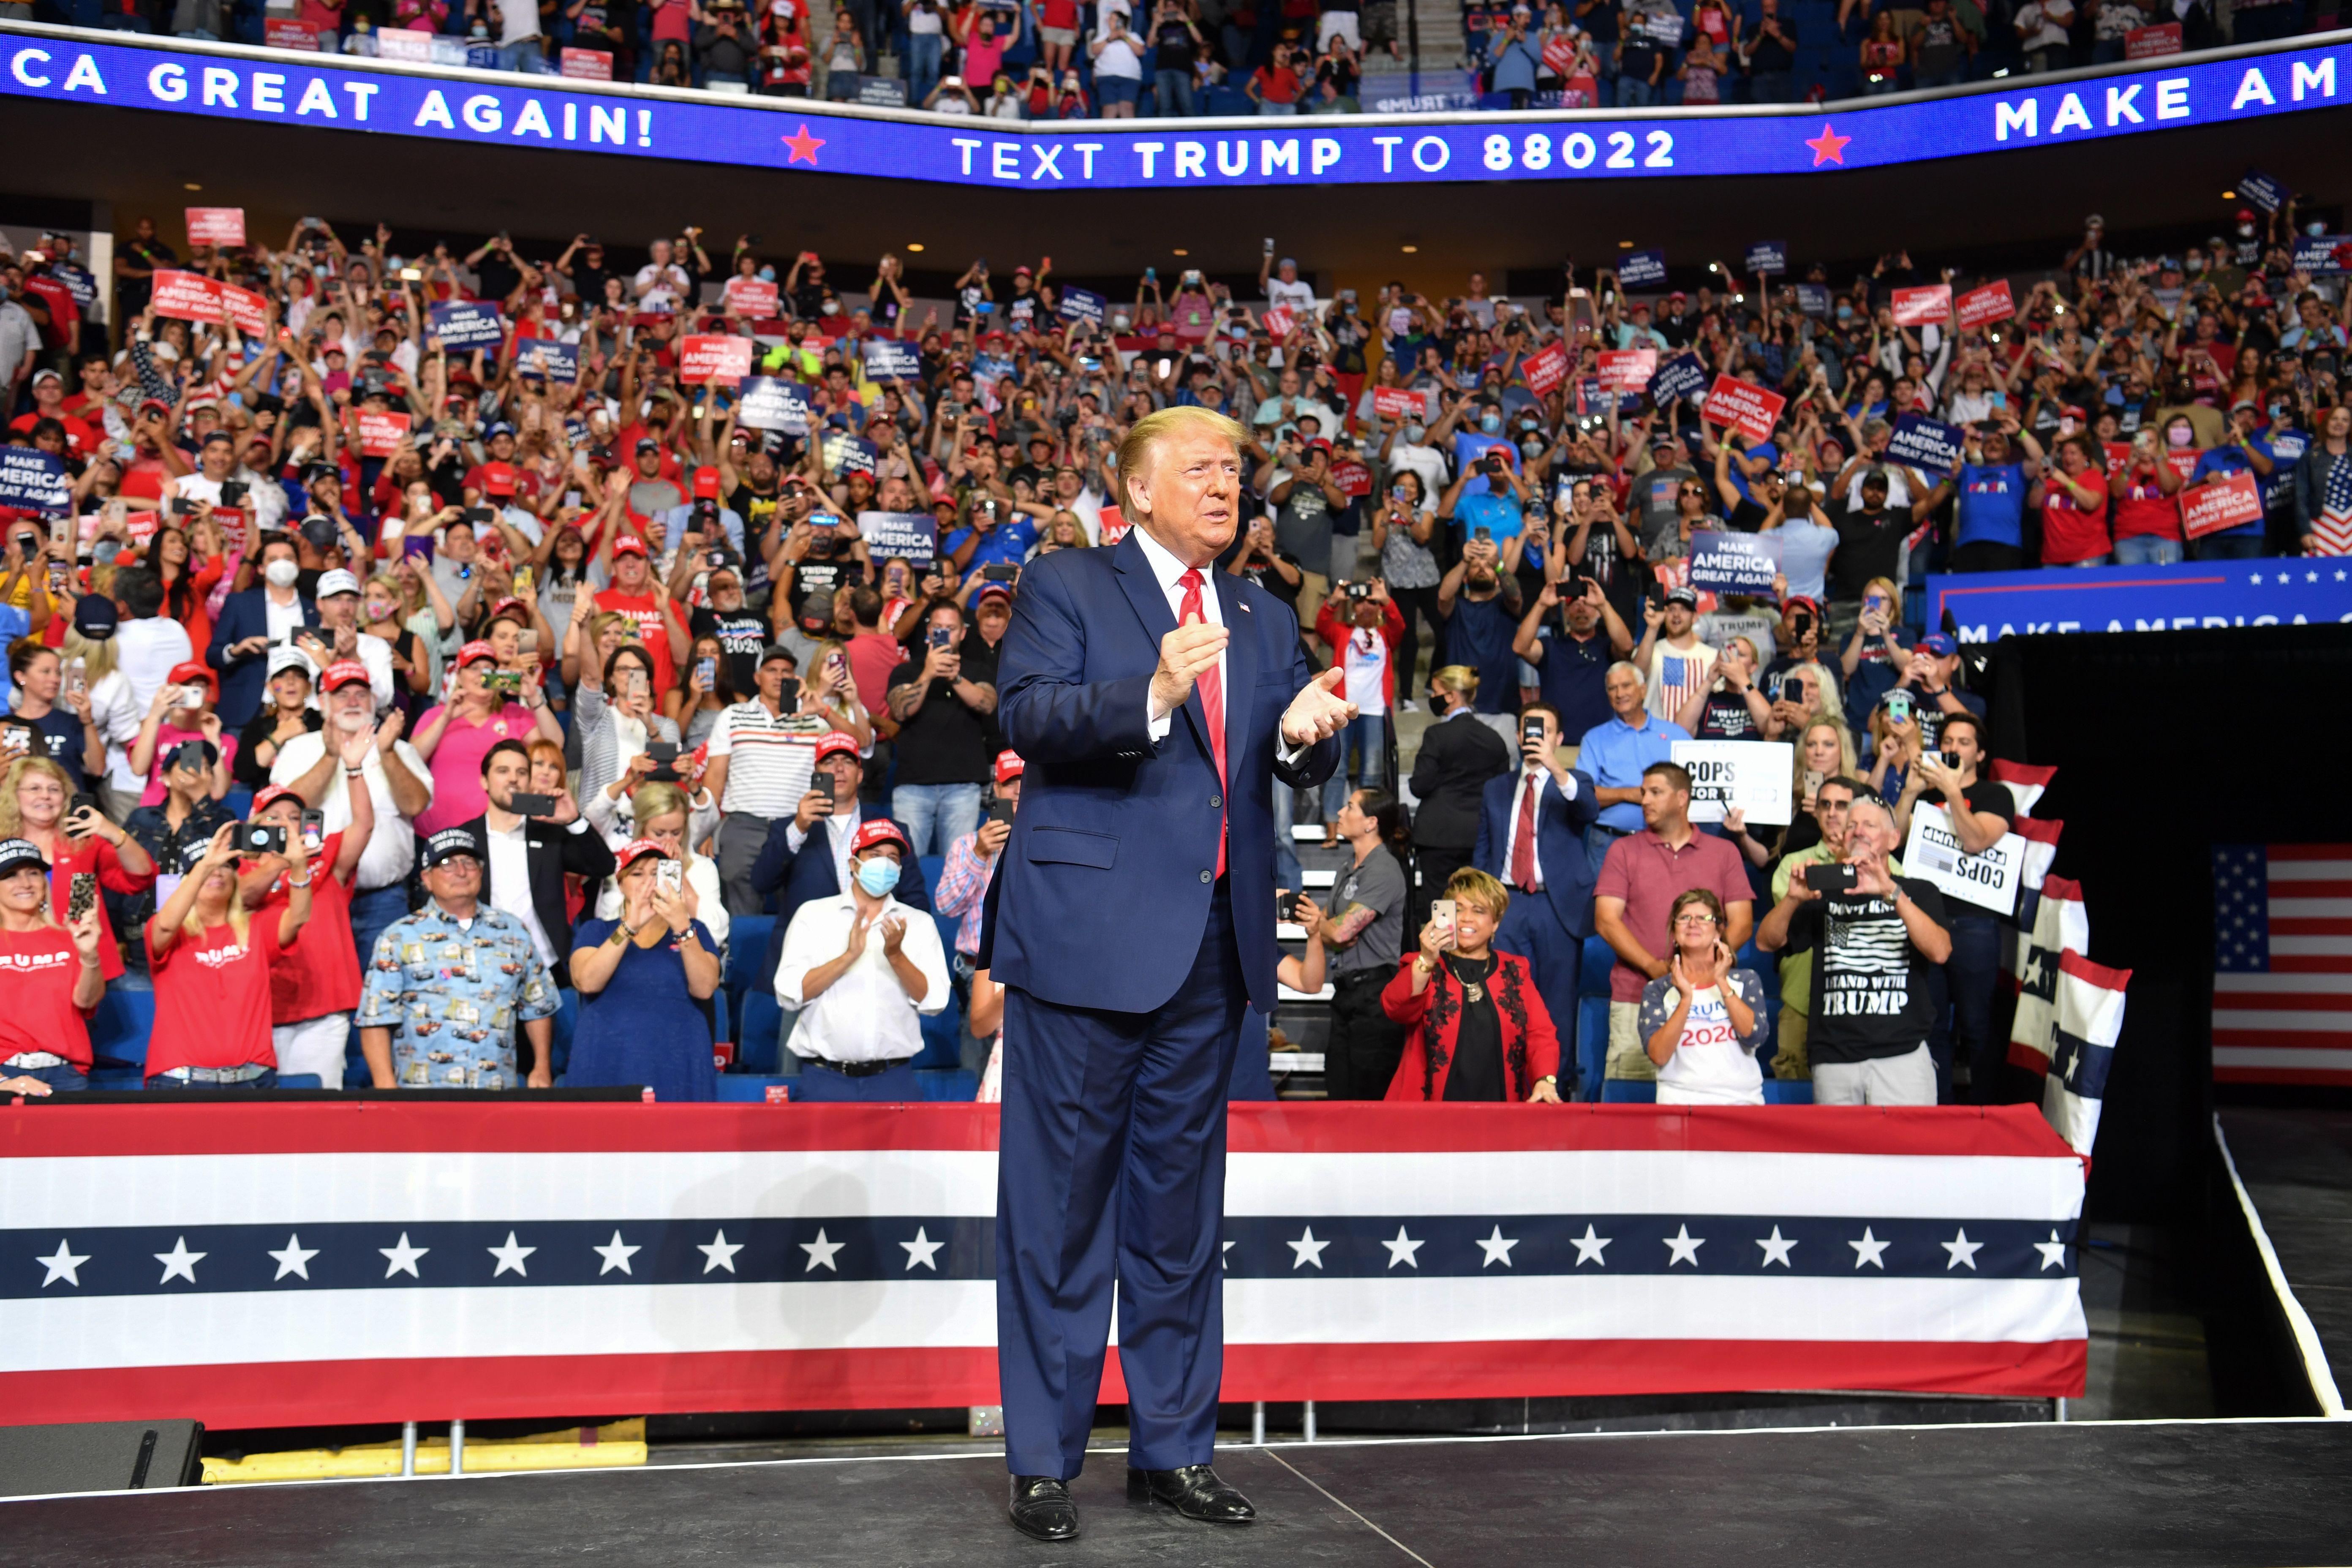 何清漣:2020大選主題激變 昭示美國未來命運